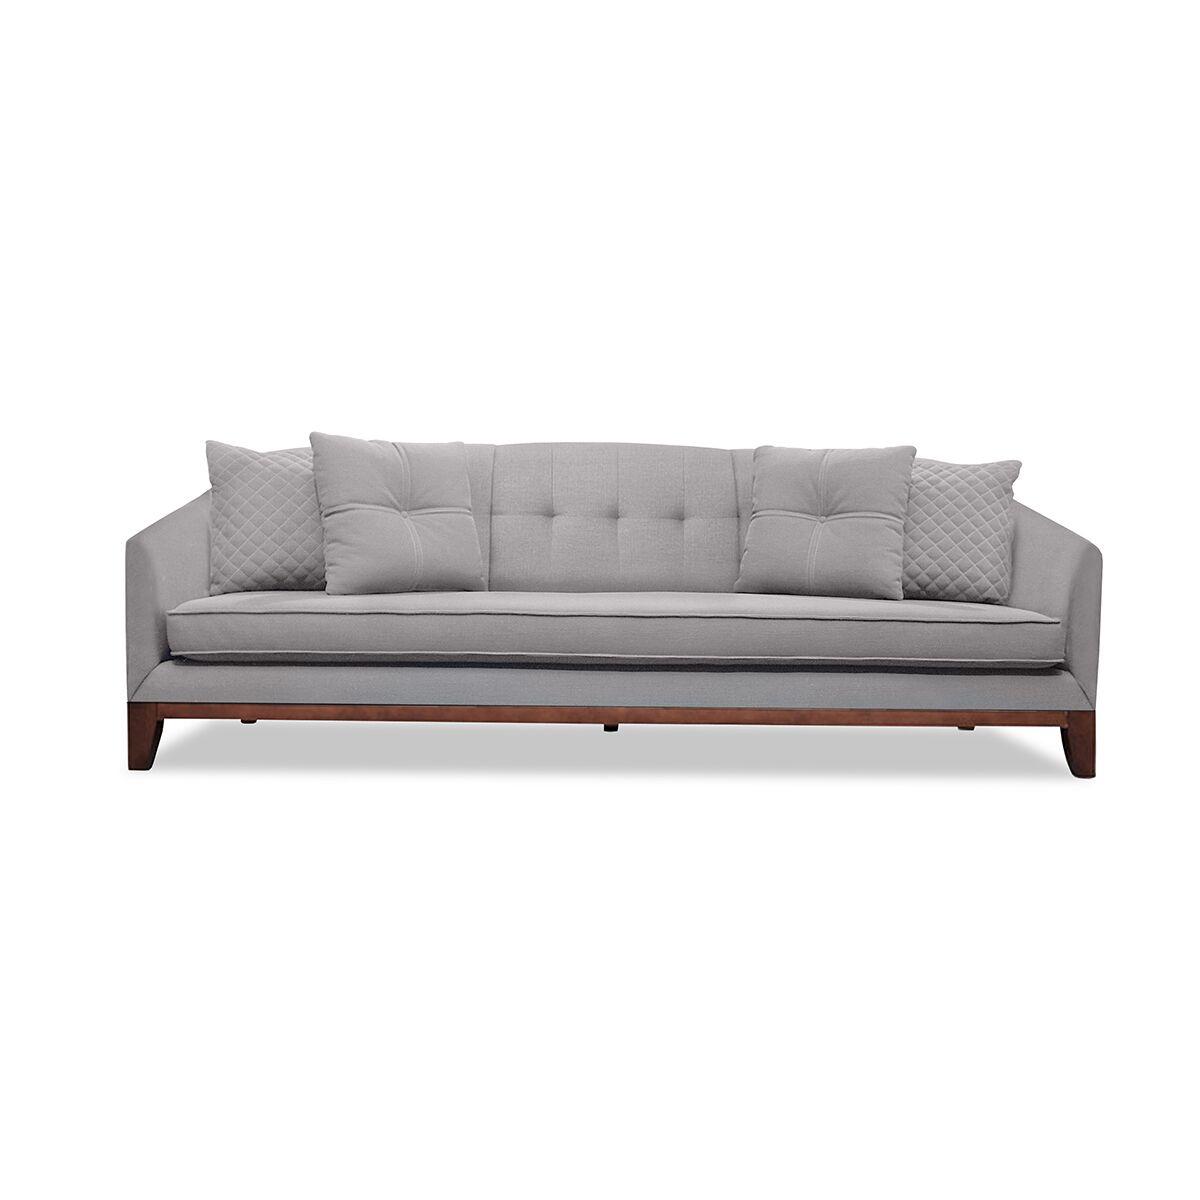 Roy Sofa Upholstery: Gray